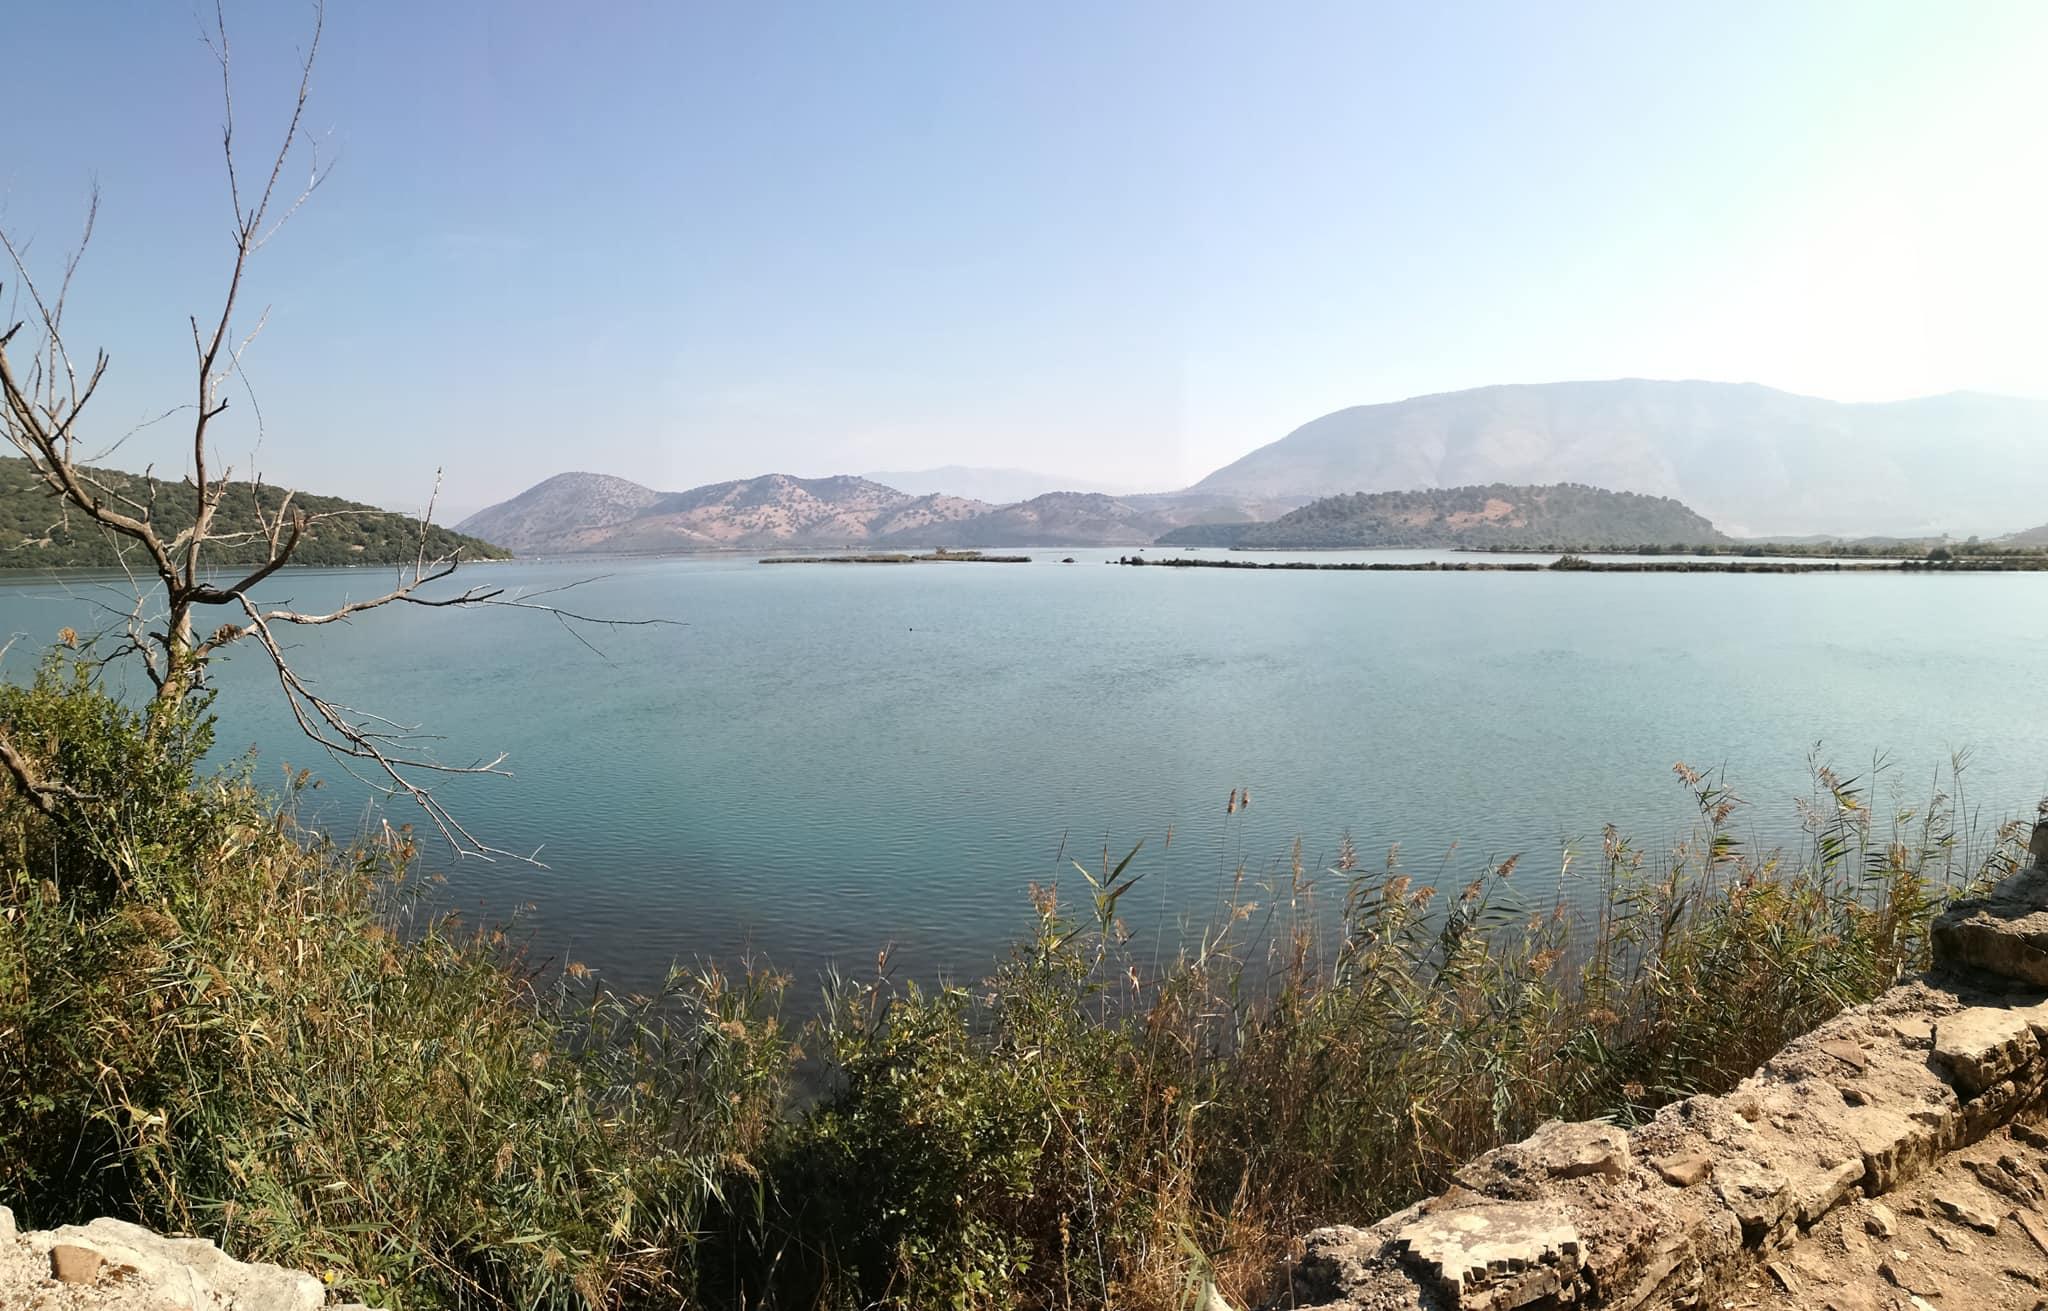 Ultima tappa in Albania, da Lekursi a Butrinto passando per l'incanto del Blue Eye